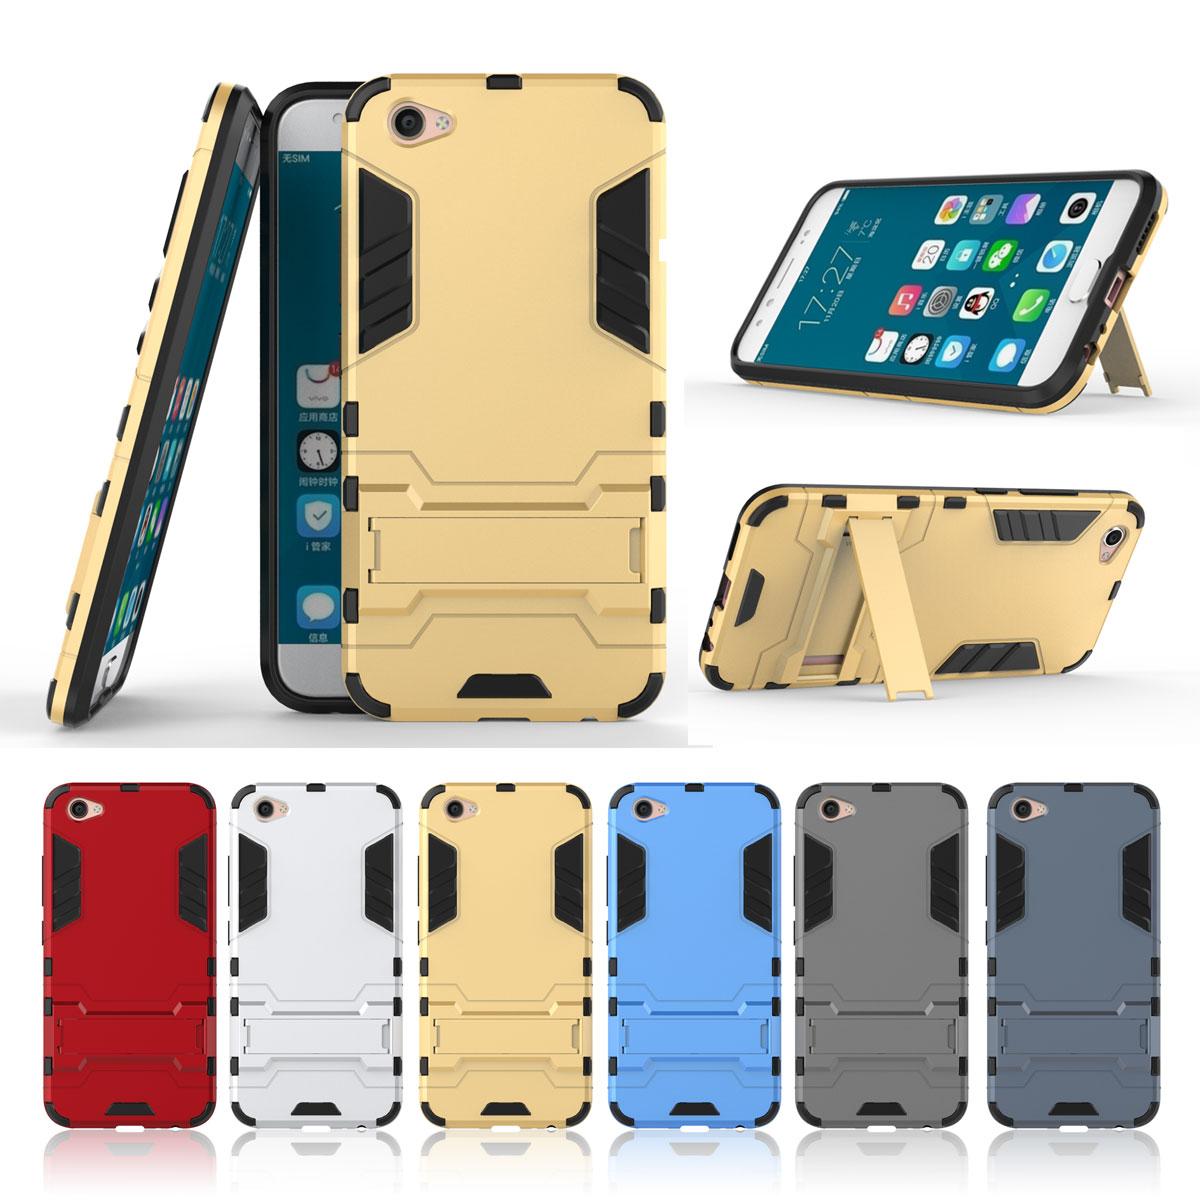 Для естественных <font><b>X9</b></font> Lux жесткий Панцири задняя крышка двойной Слои классный телефон В виде ракушки стенд принципиально Капа случай 2 в 1 предме&#8230;